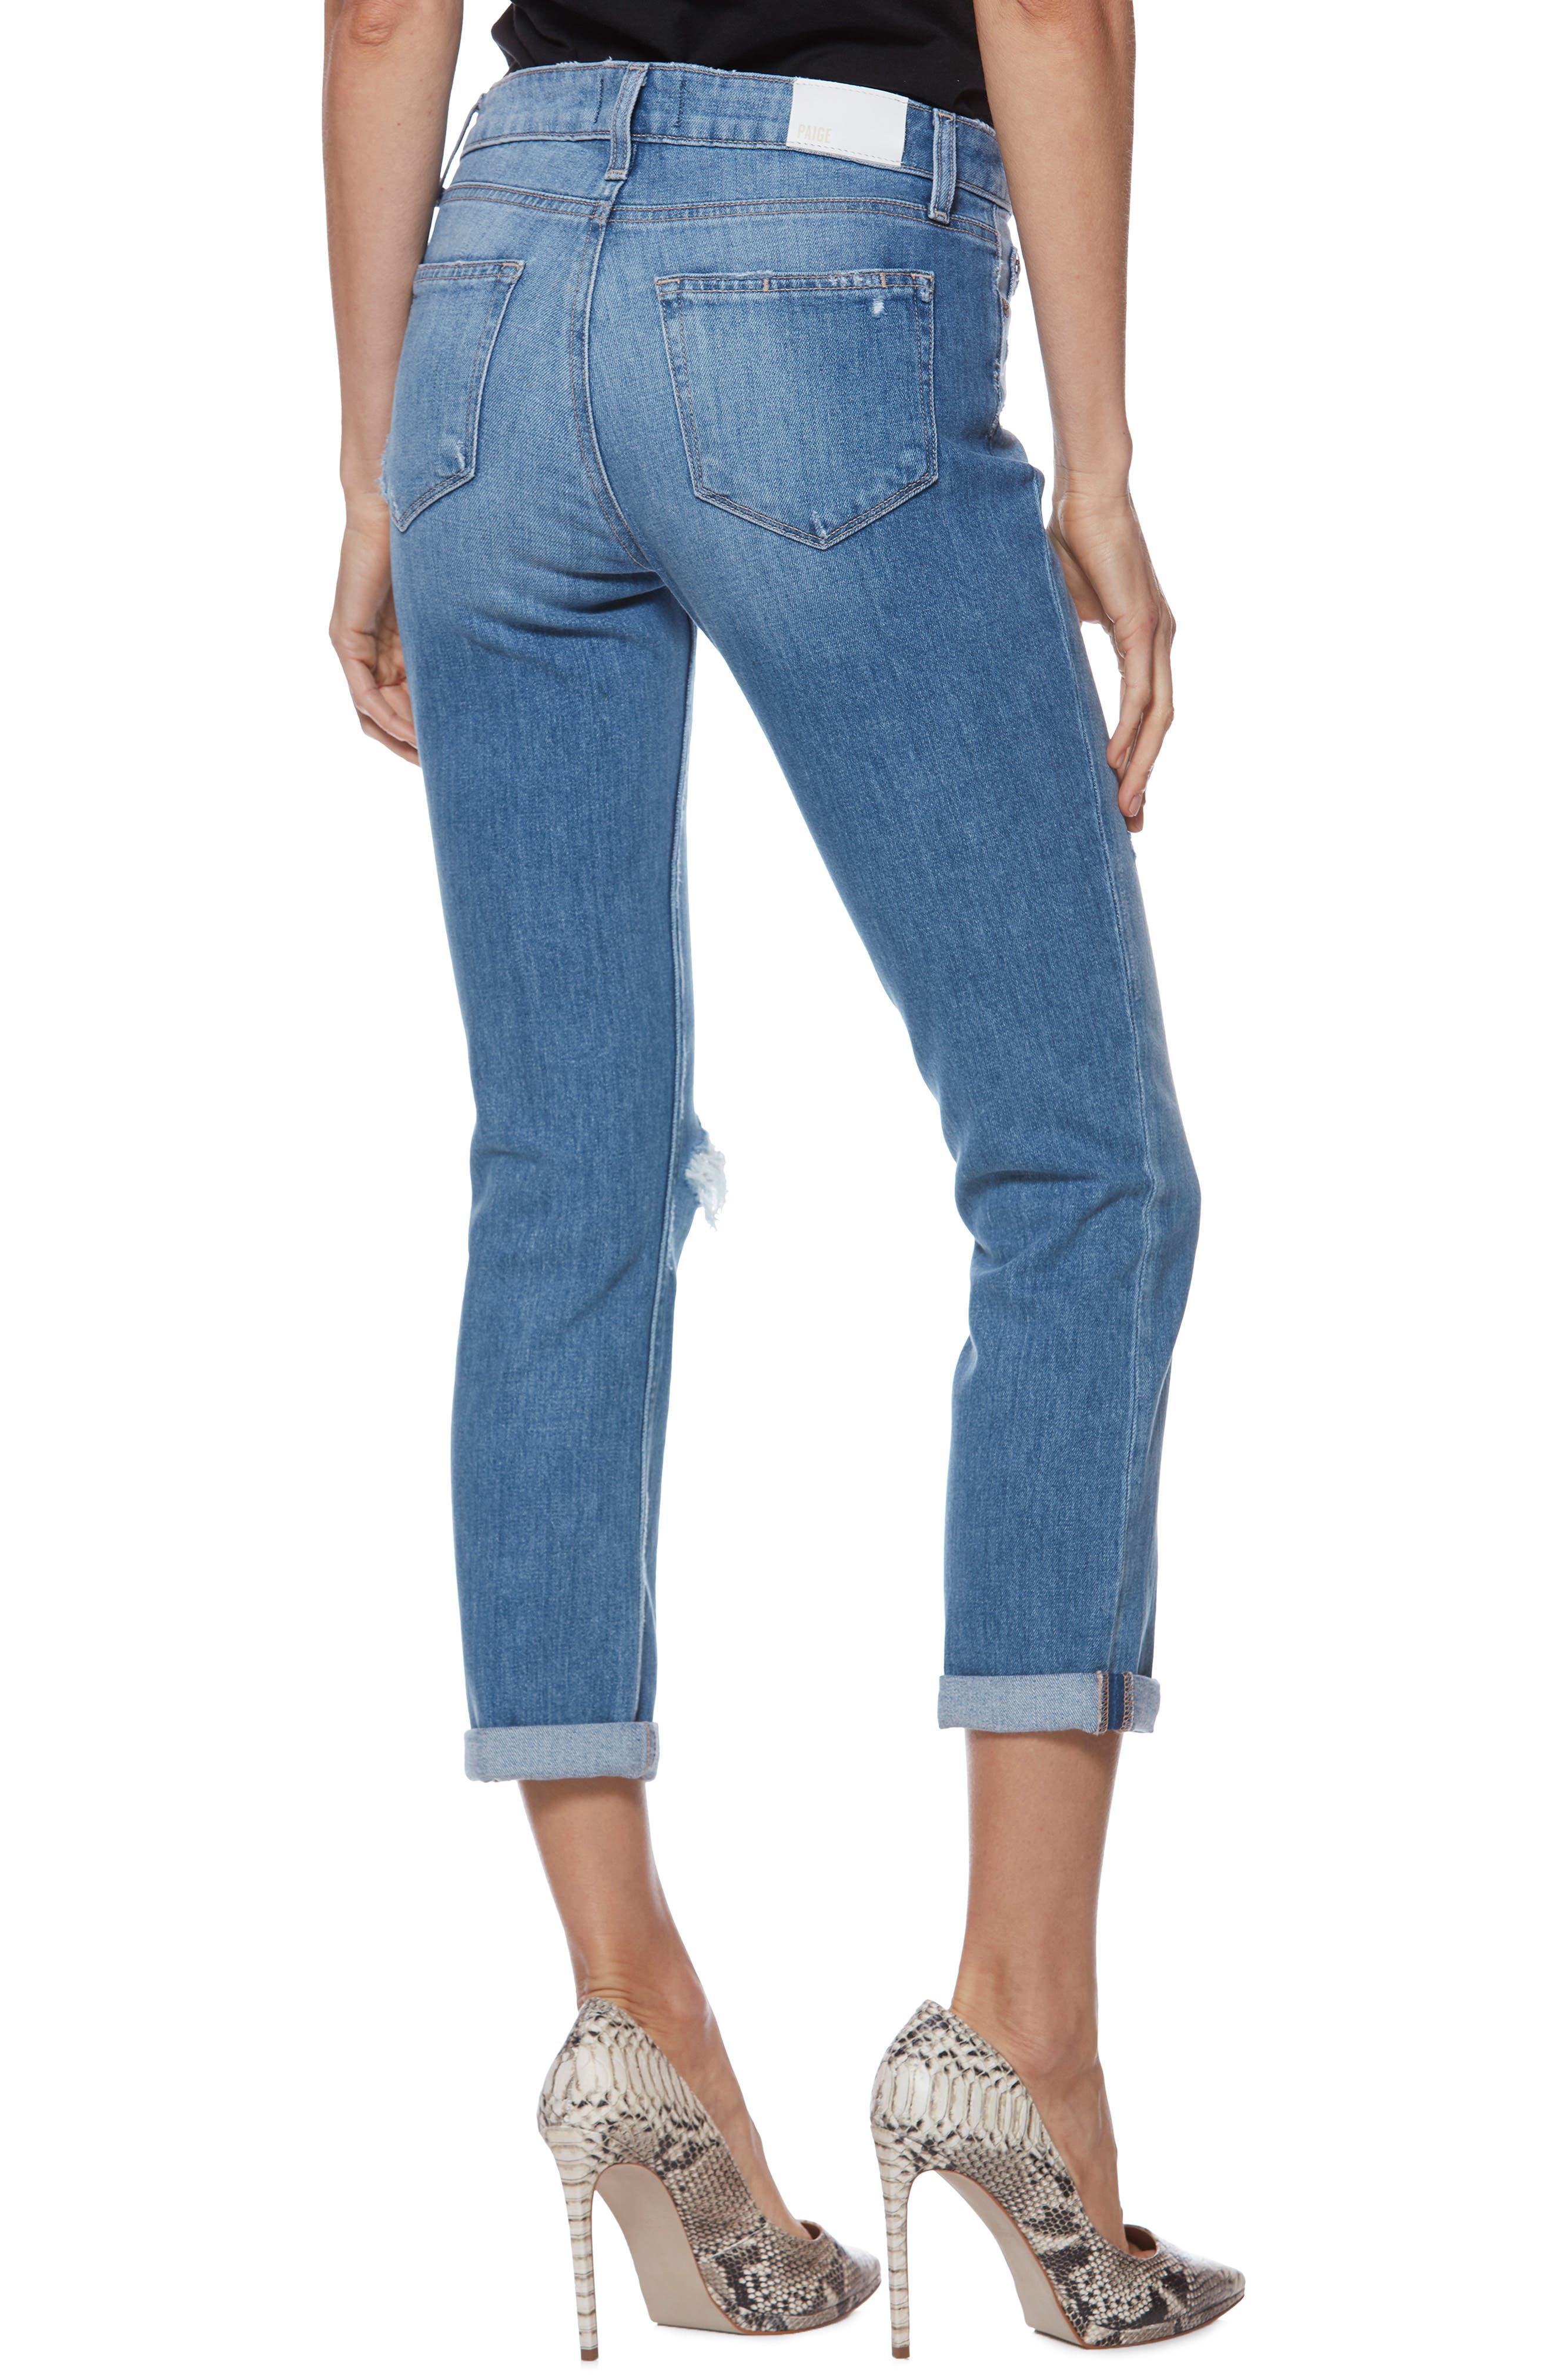 Brigitte Ripped Crop Boyfriend Jeans,                             Alternate thumbnail 2, color,                             BROOKVIEW DESTRUCTED